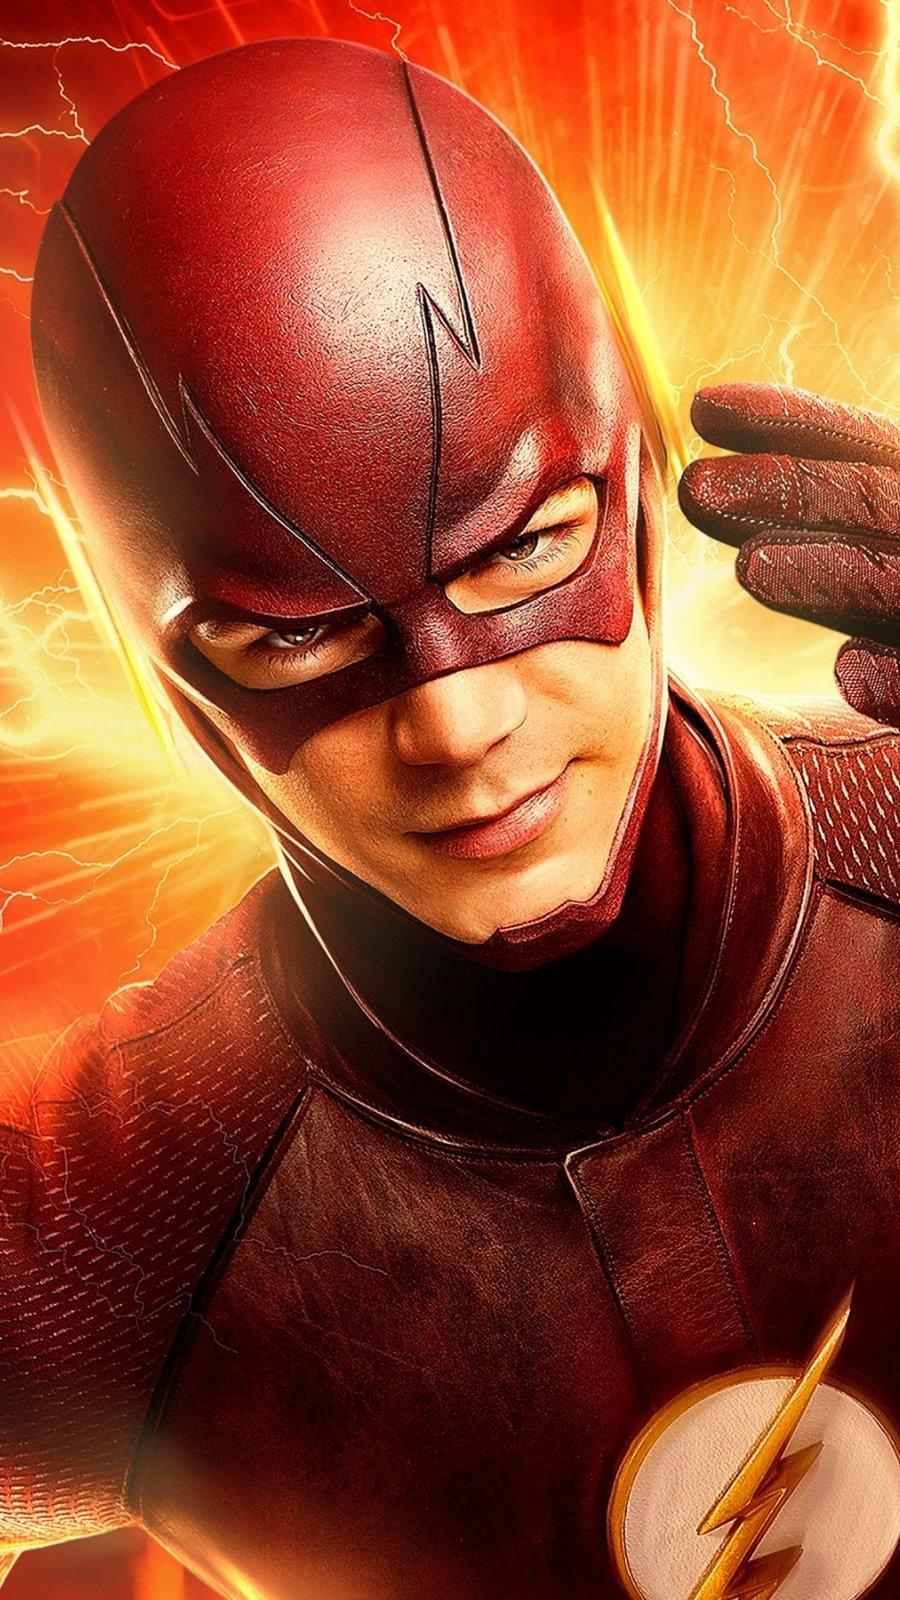 Fondos de pantalla El Flash de DC comics Vertical